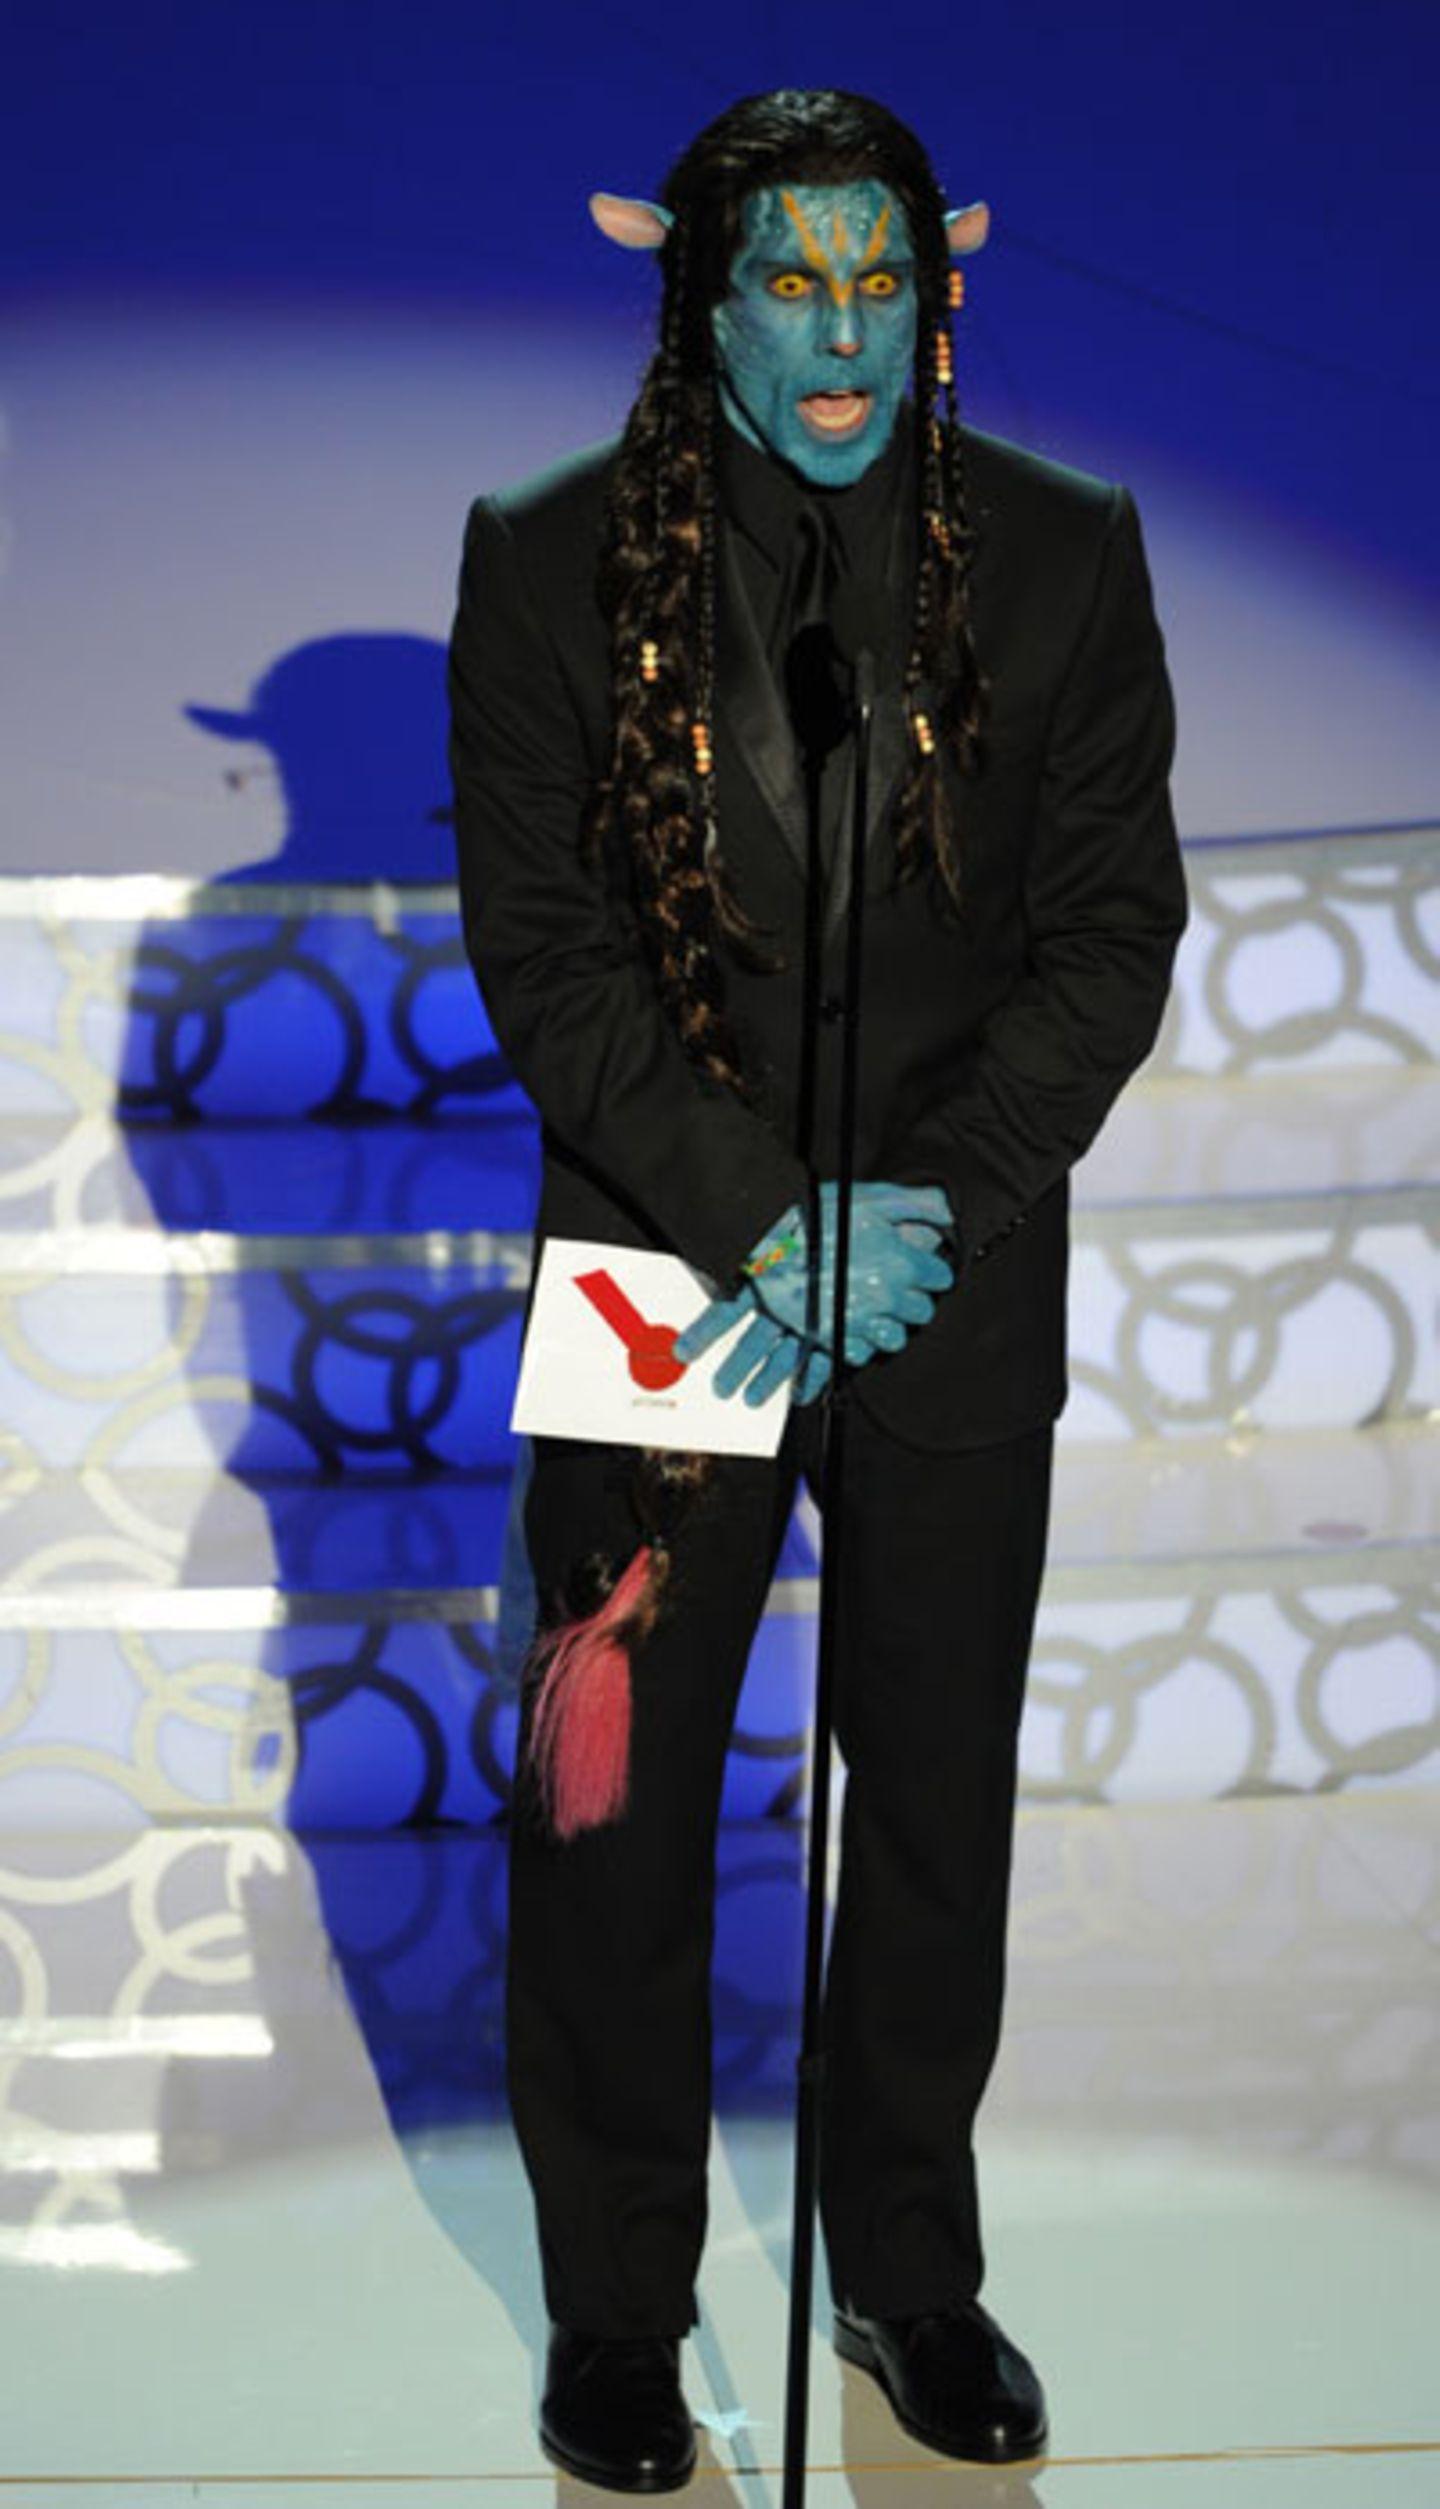 Ben Stiller Der Schauspieler, nie um einen Scherz verlegen, stattete Planet Erde und dem Kodak Theatre einen Besuch ab und erschien als blaugesichtiger Avatar - inklusive Schwanz! Sehr überzeugend!